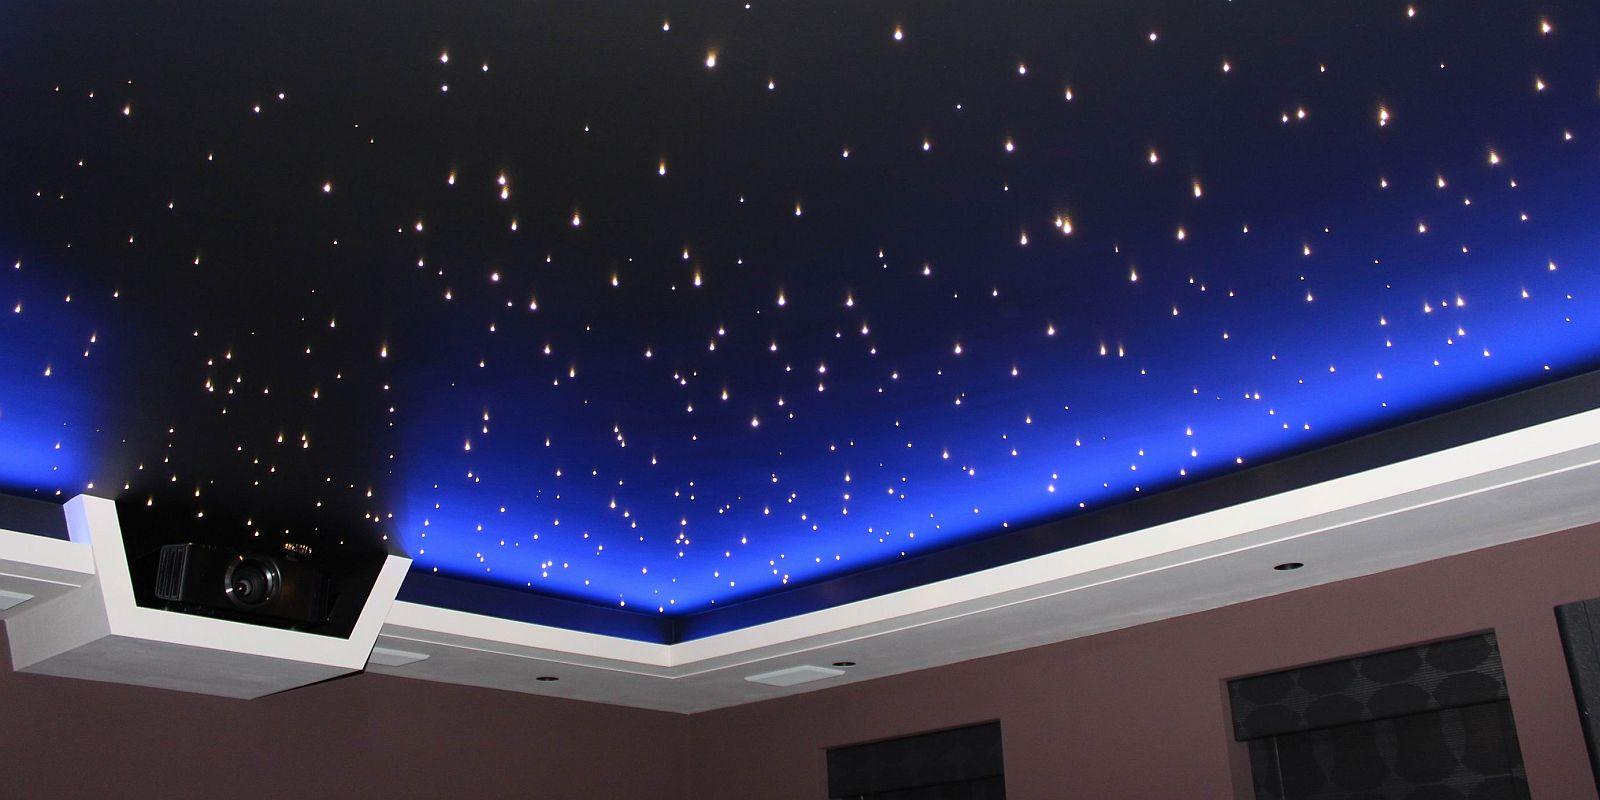 """Потолок """"звездное небо"""" с точечными светильниками"""